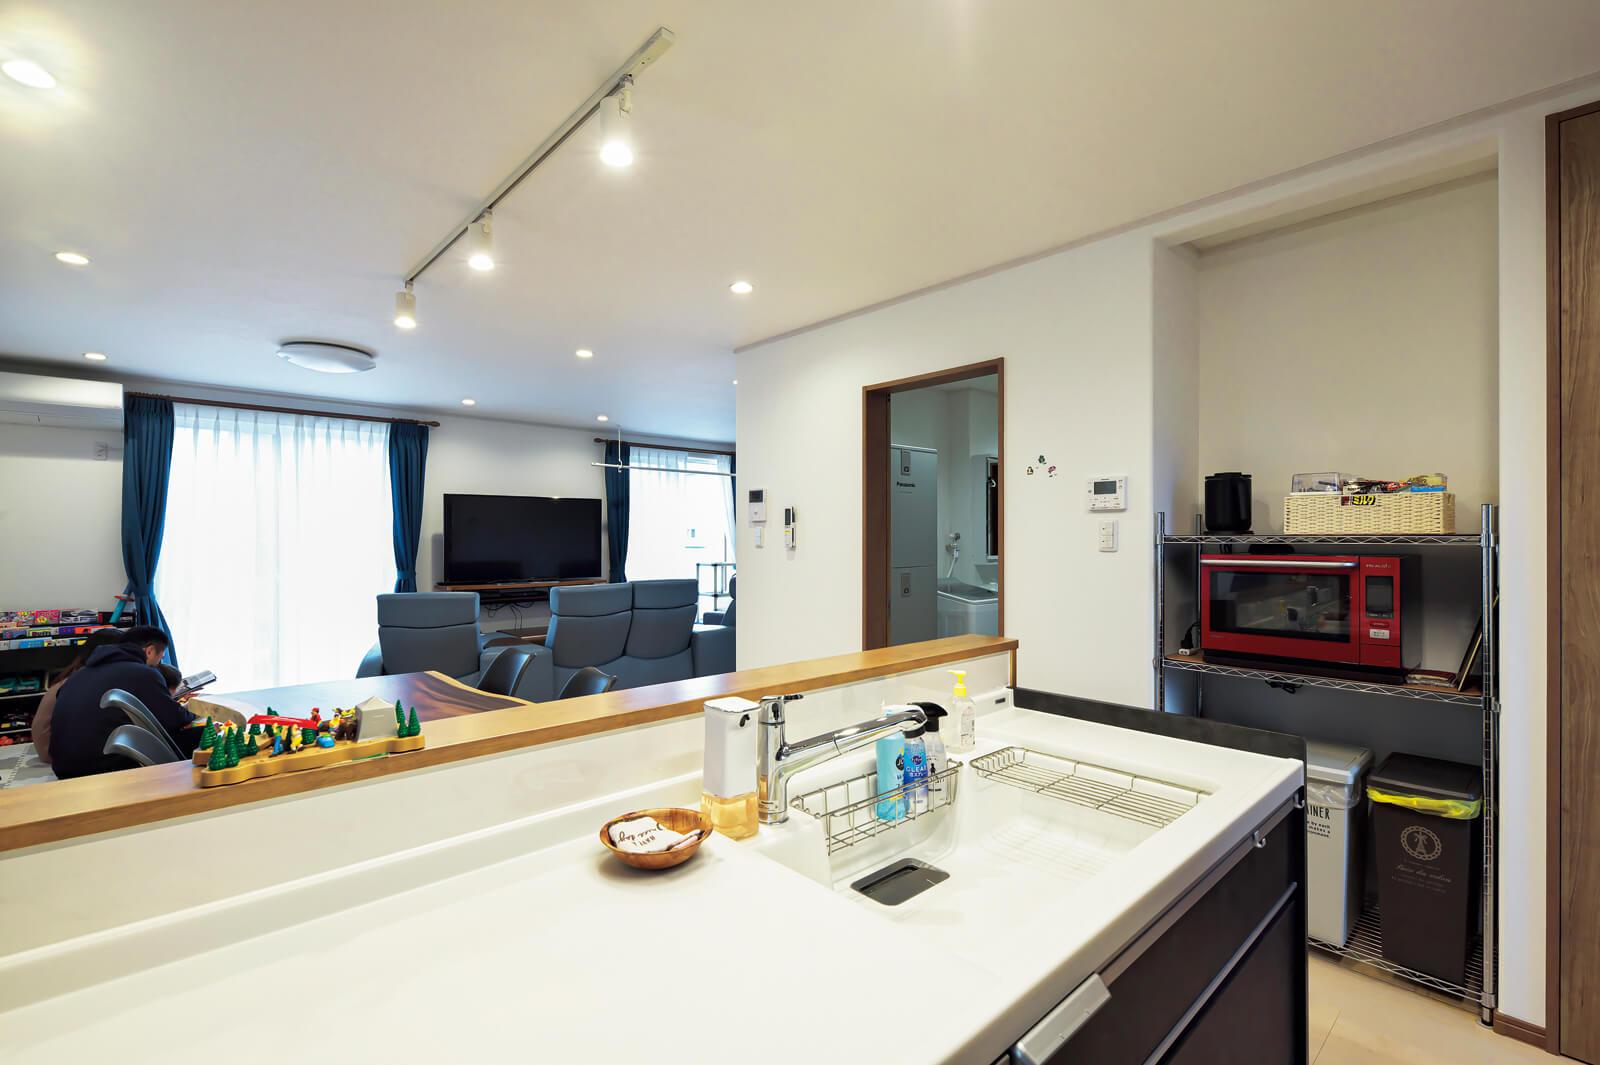 広いリビング・ダイニングが見渡せるキッチンは、水まわりとも隣接していて主婦に優しい動線となっている